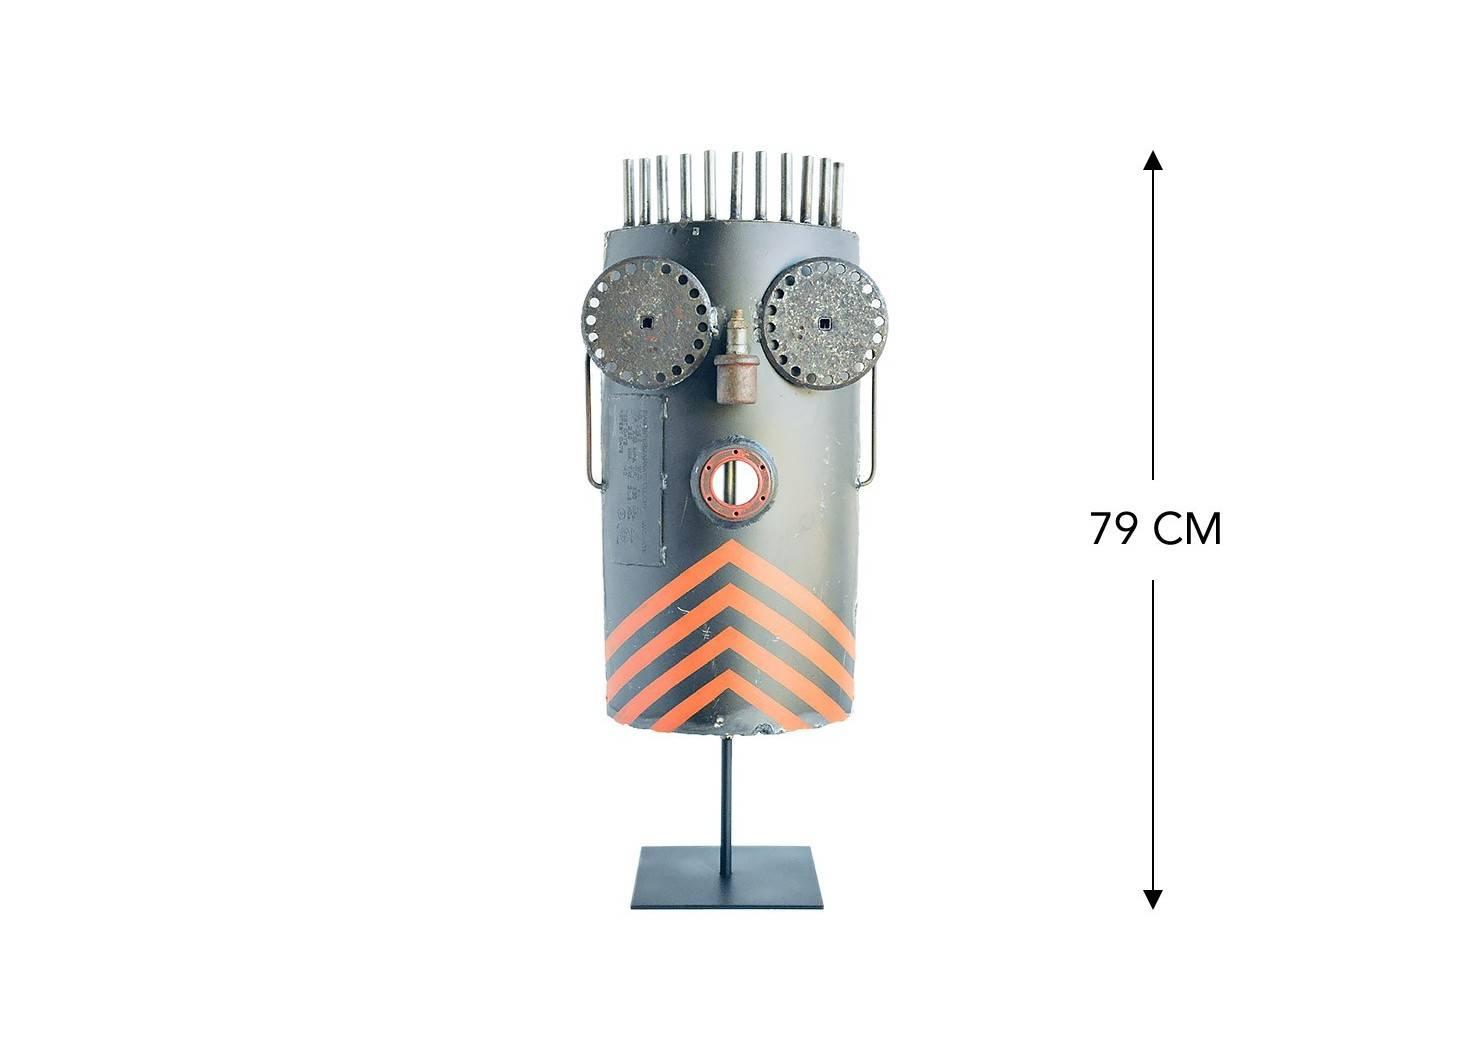 Masque décoratif en métal recyclé - LA12